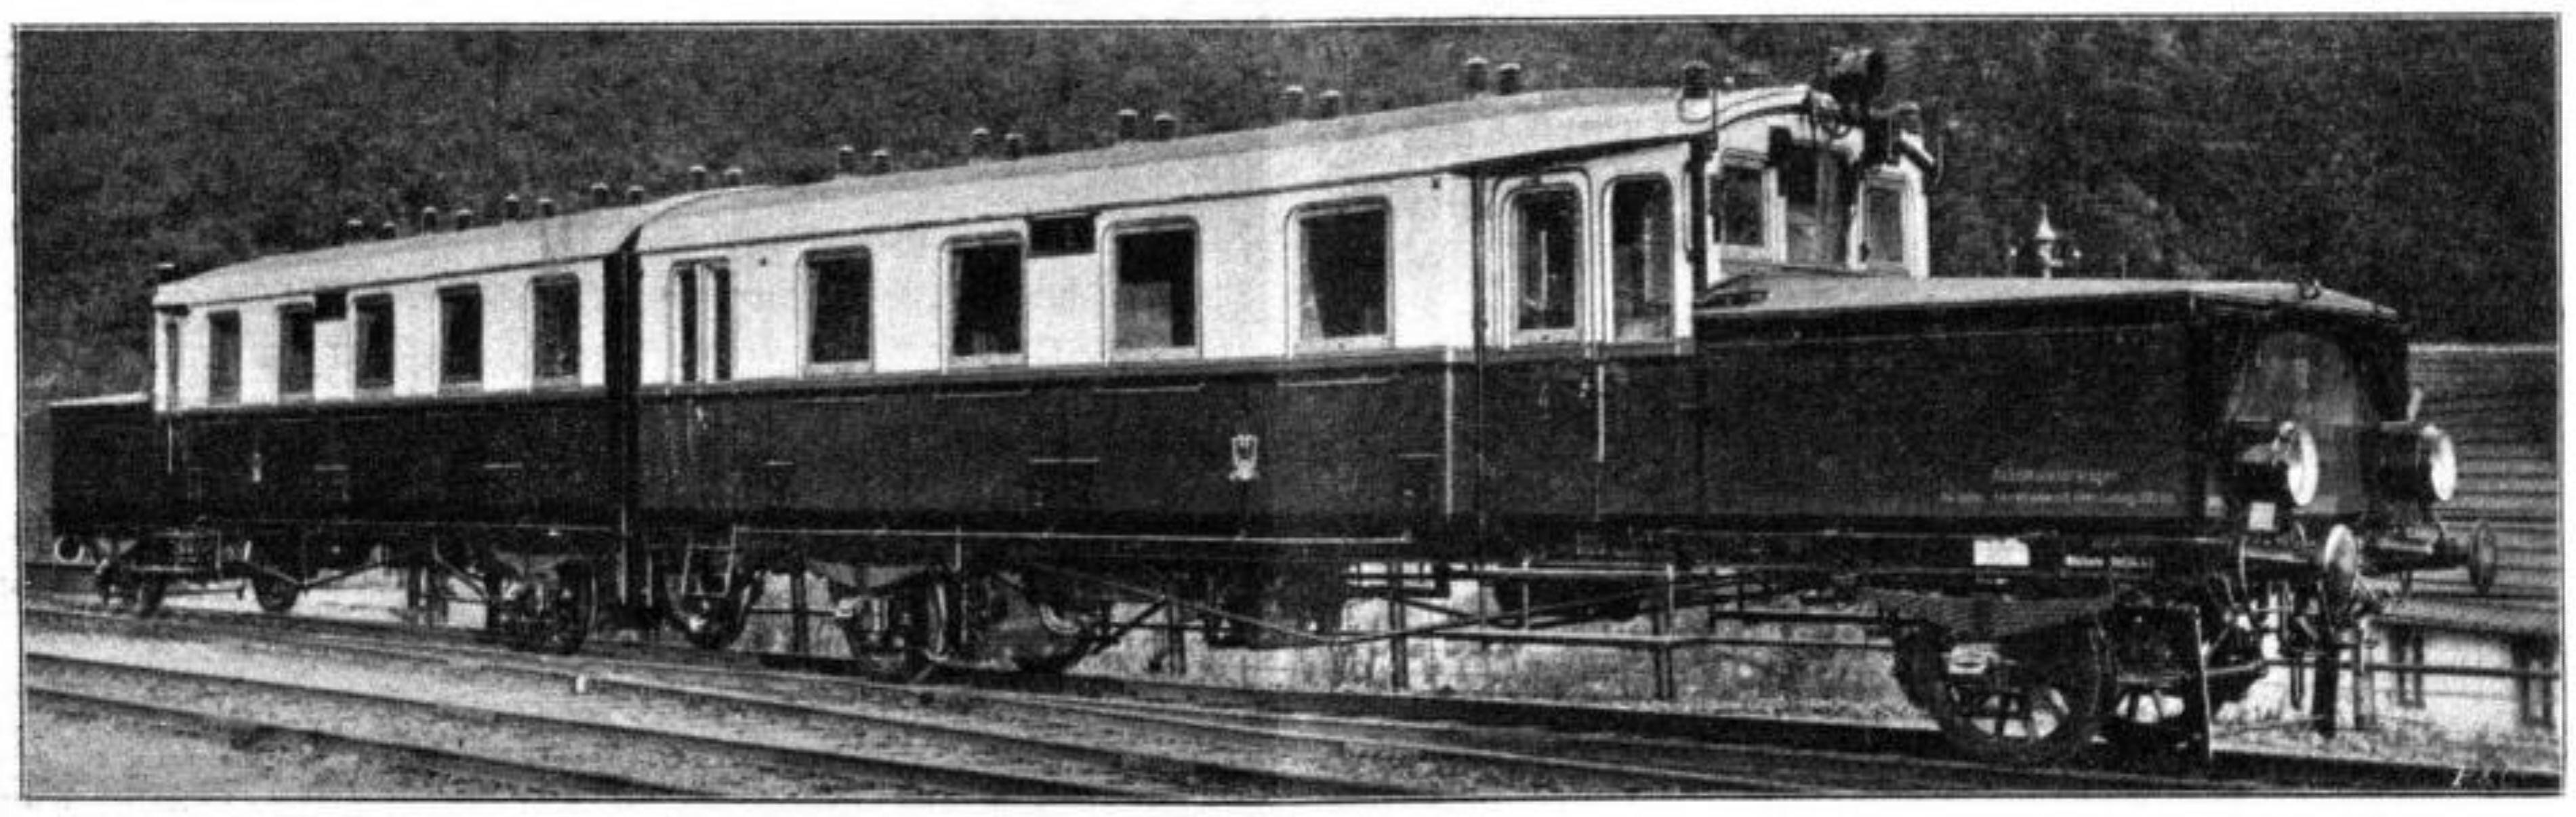 WP Preußischer AT3 Wittfeld-Akkumulatortriebwagen.jpg